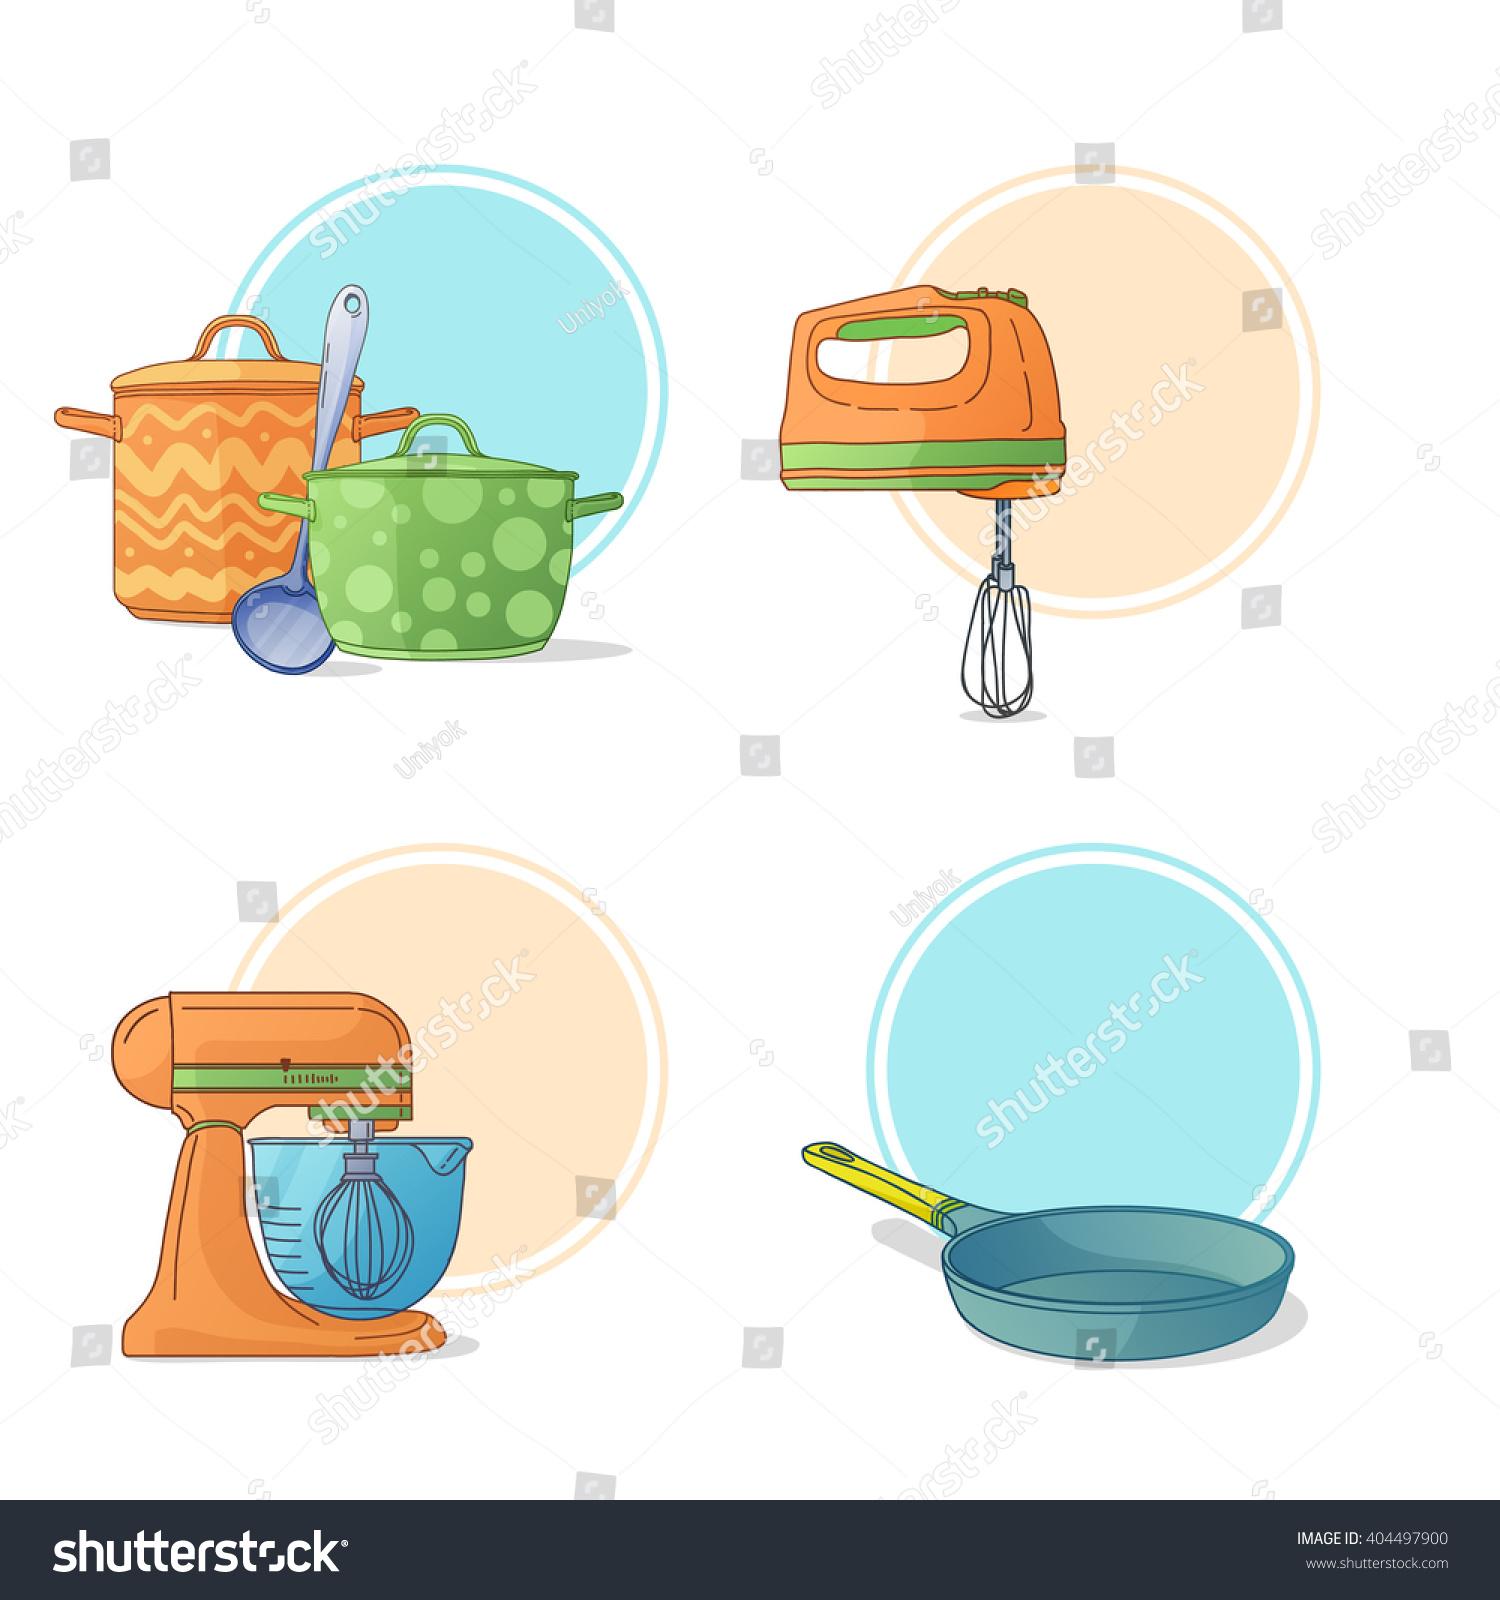 Cartoon Kitchen Tools ~ Set kitchen utensils cartoon style stock vector